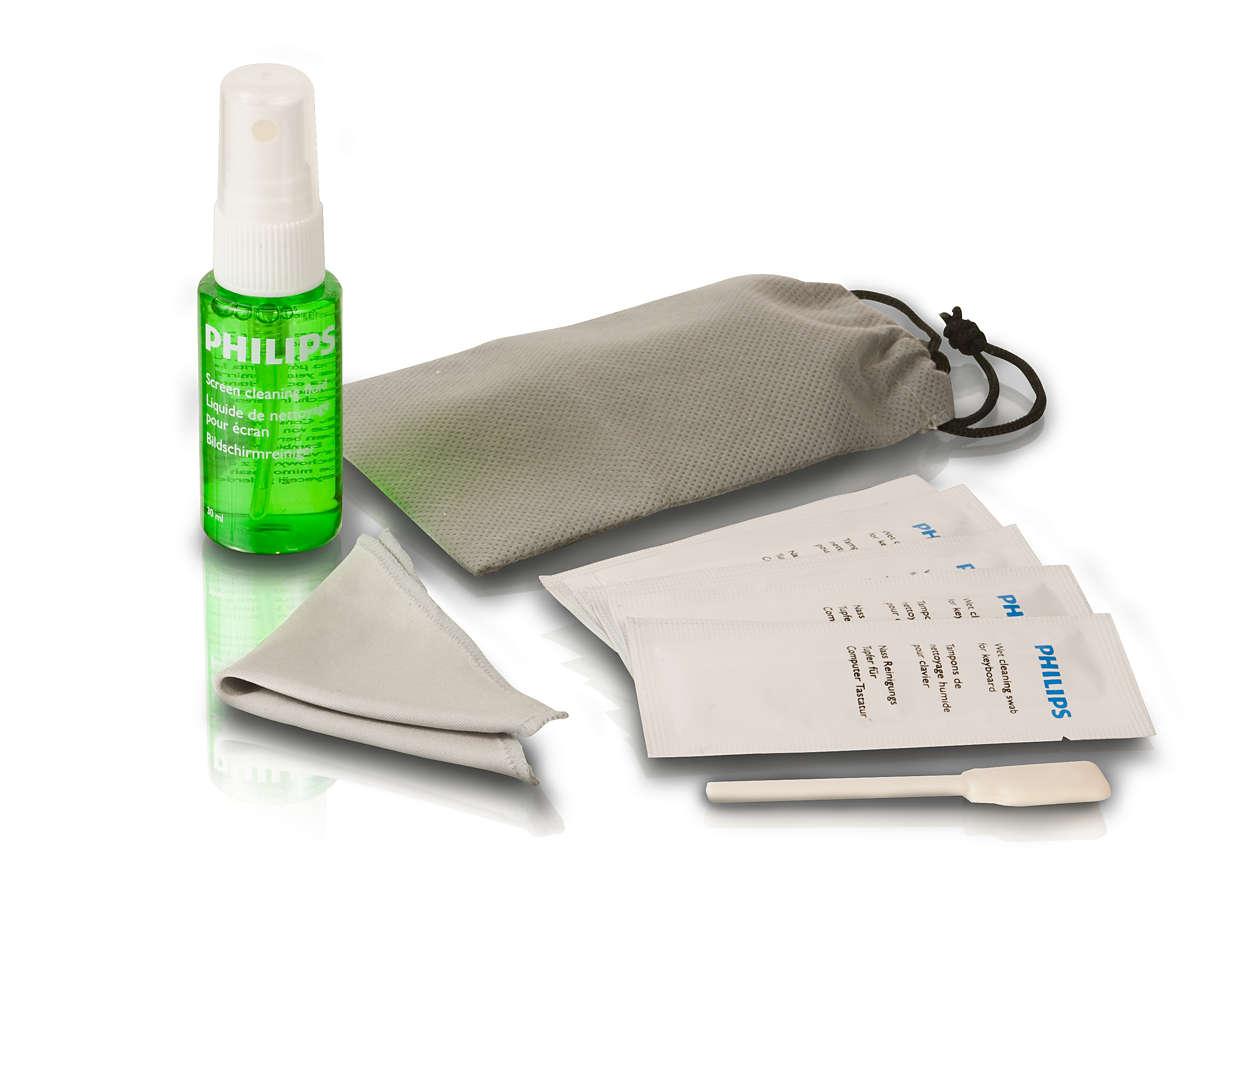 Limpe os ecrãs do portátil e dispositivos móveis com segurança